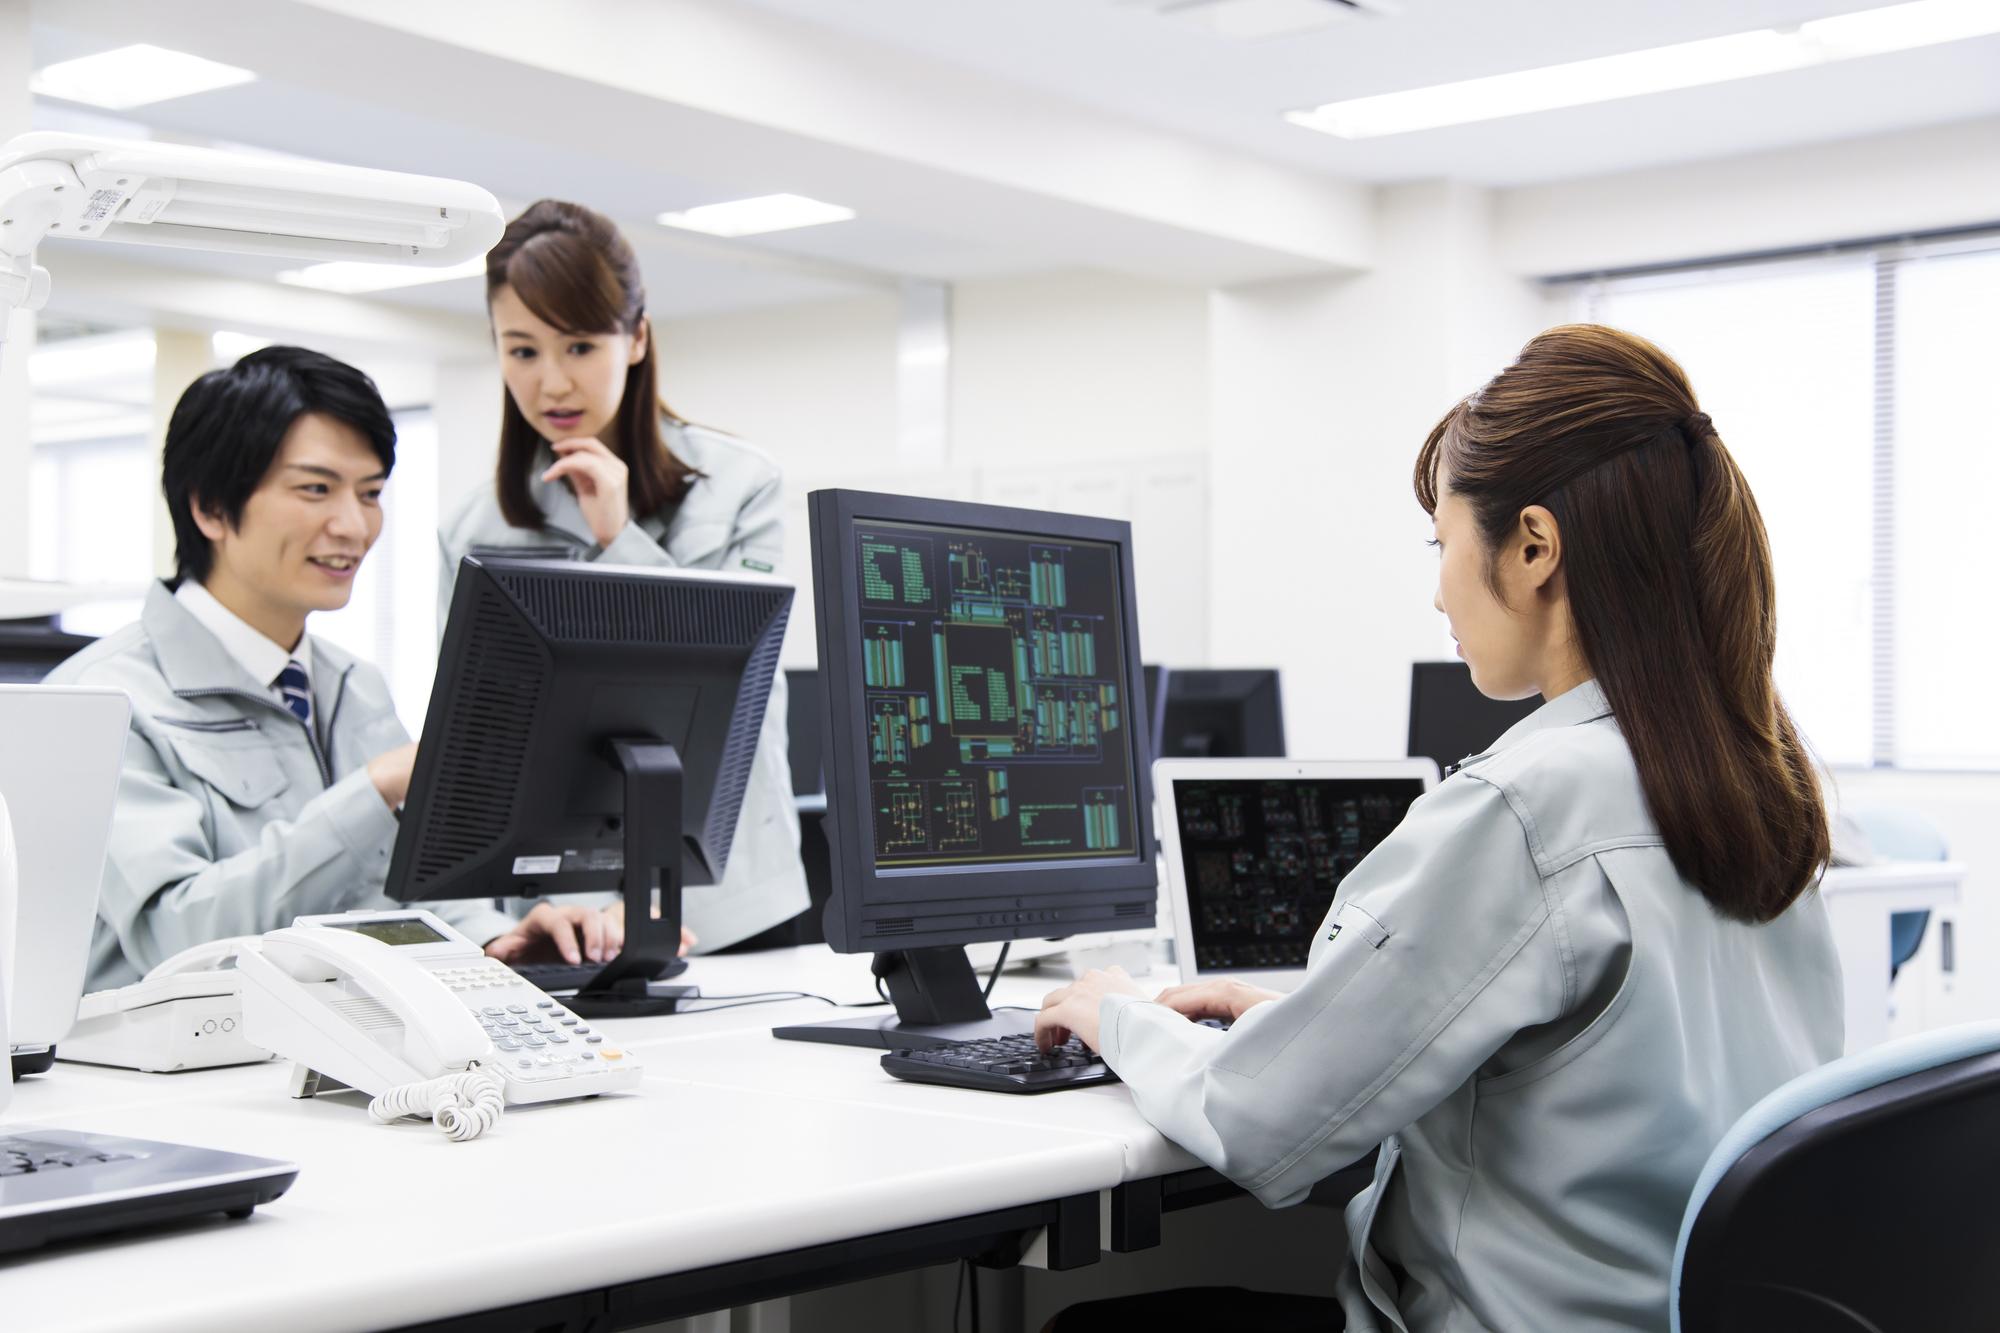 女性エンジニアのキャリアプランについて解説|キャリアプランの例も紹介